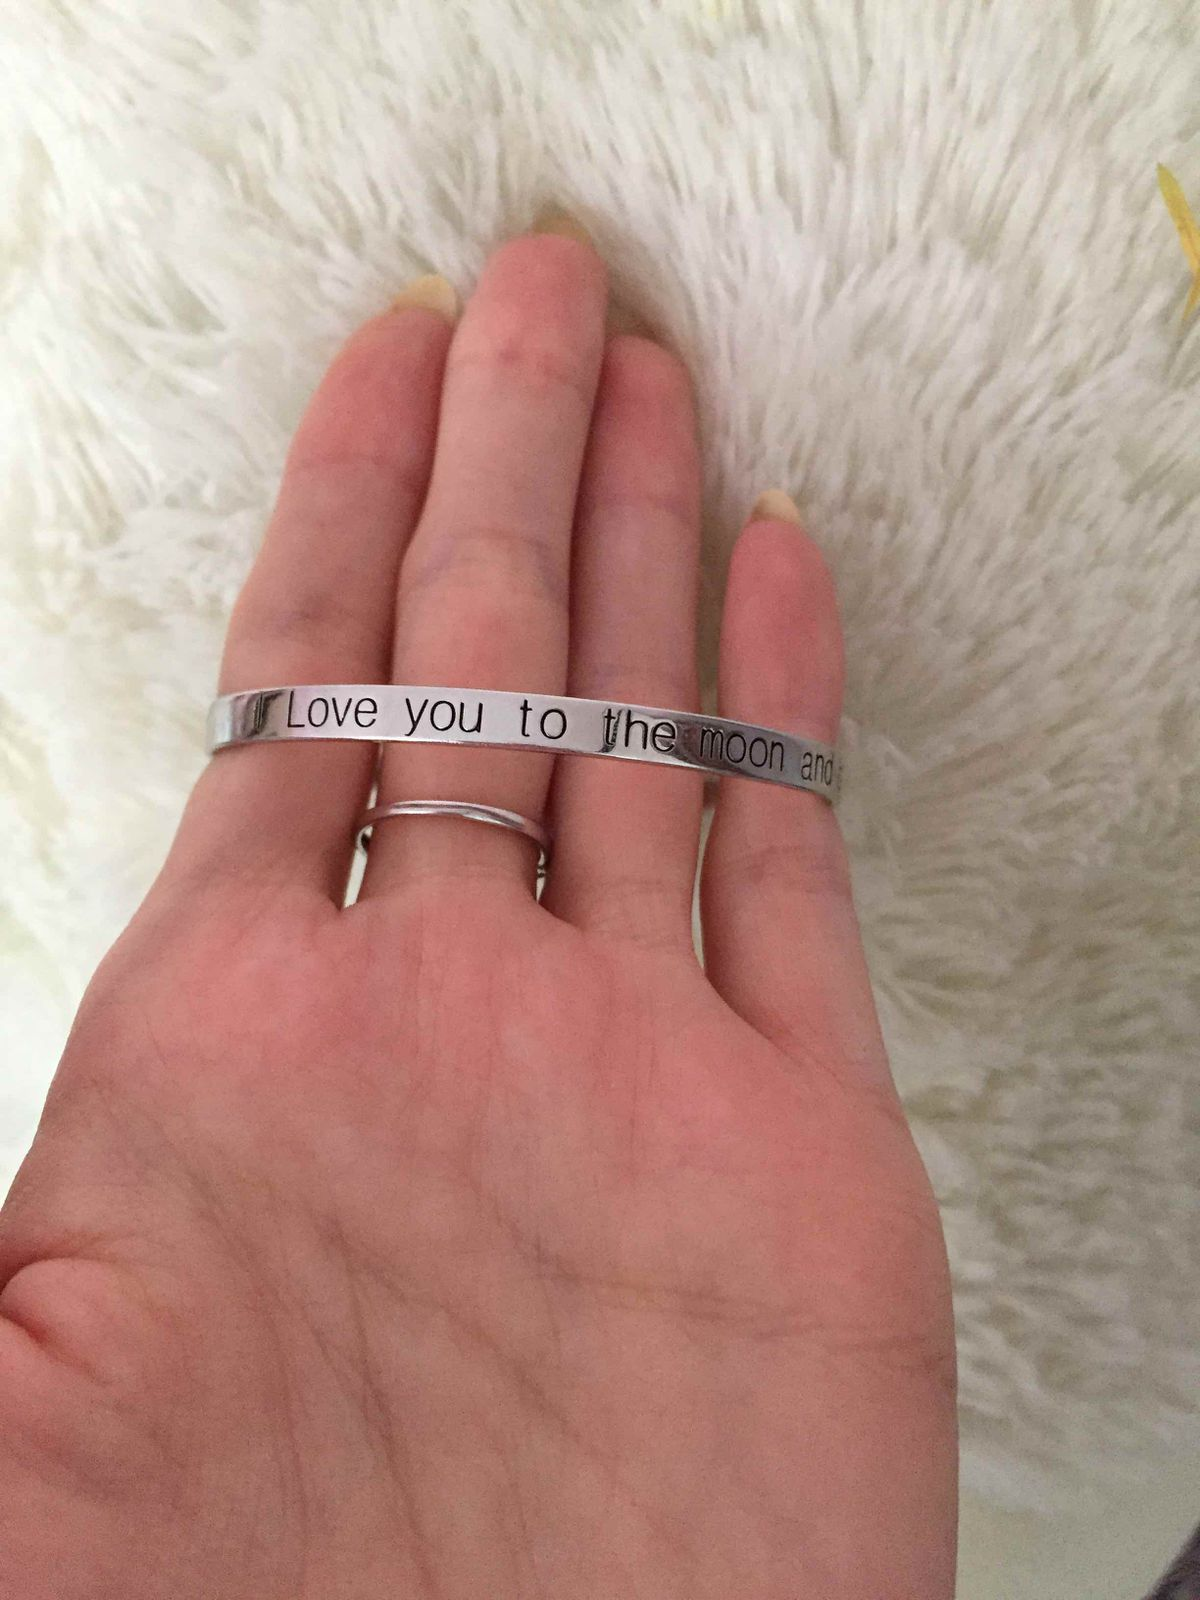 Наконец-то я его нашла! Идеальный браслет для дюймовочек.